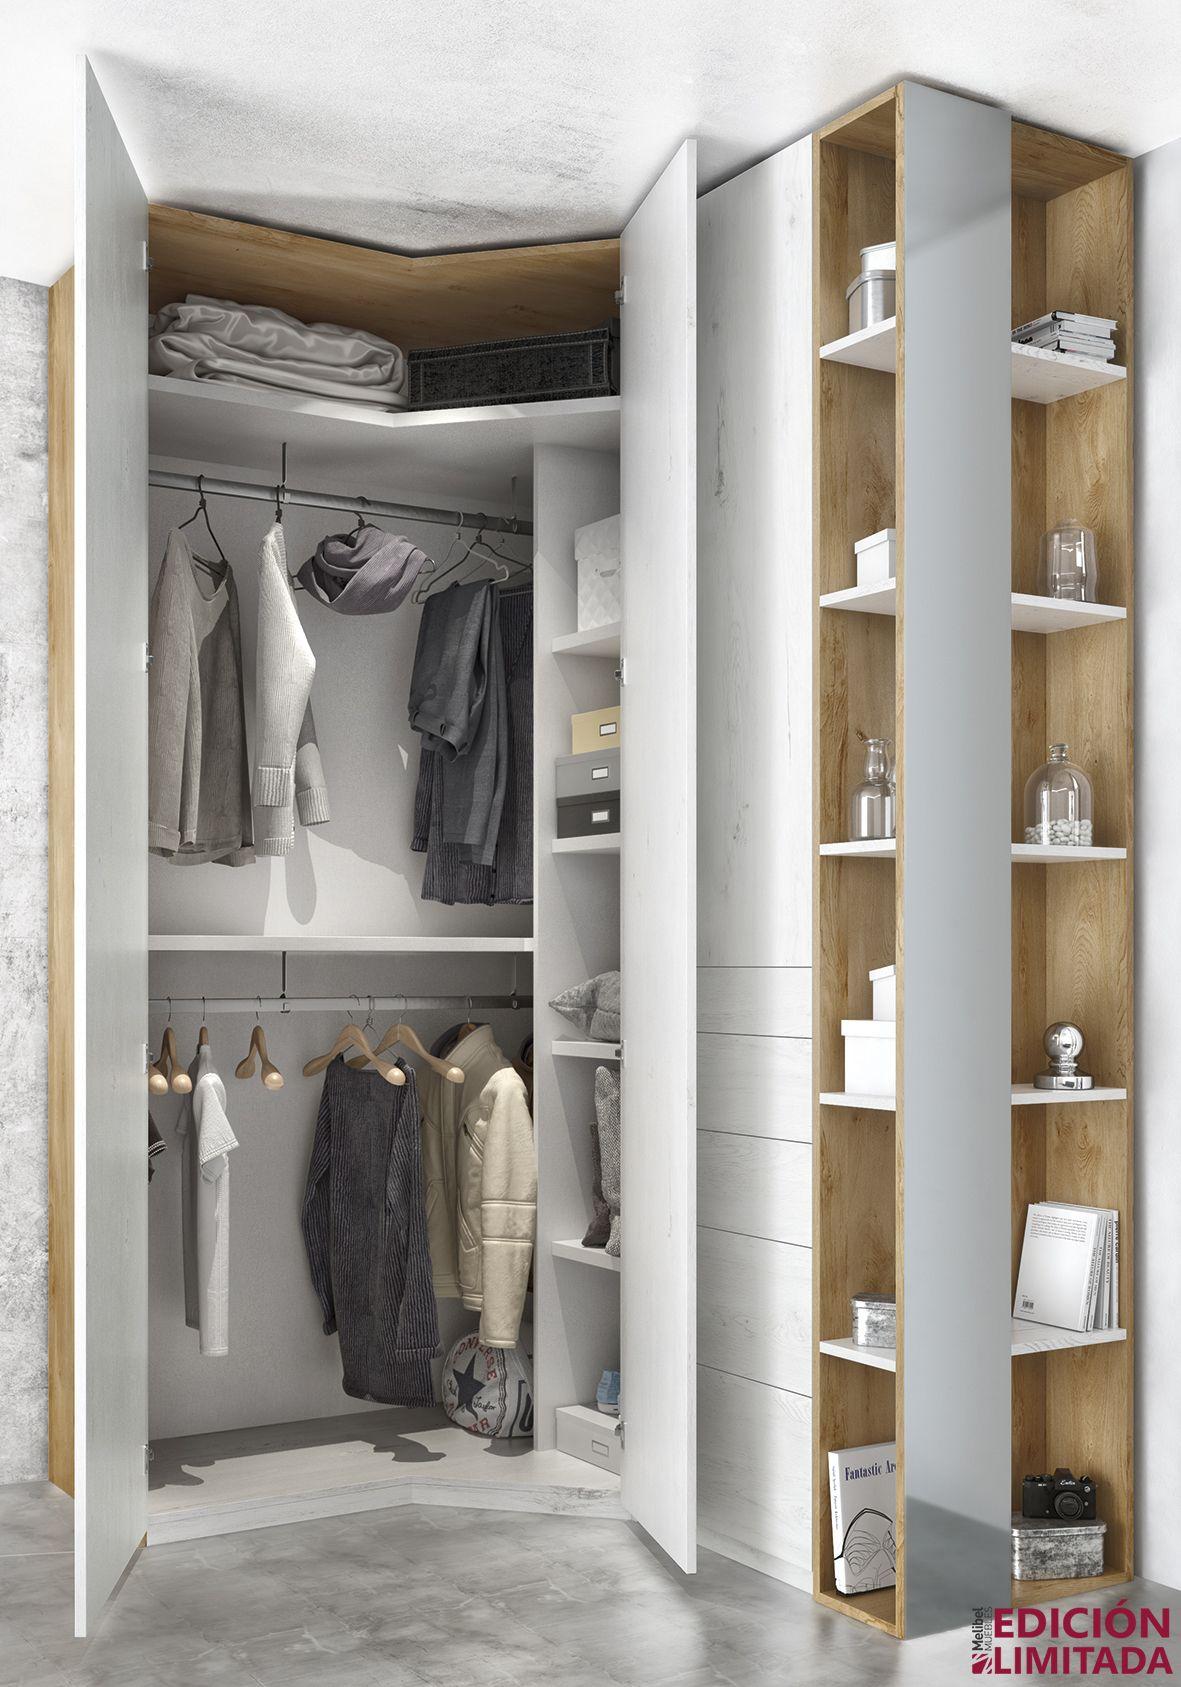 Distribuci N Interior Del Armario Rinc N Chafl N Dormitorio De  # Muebles Guersan